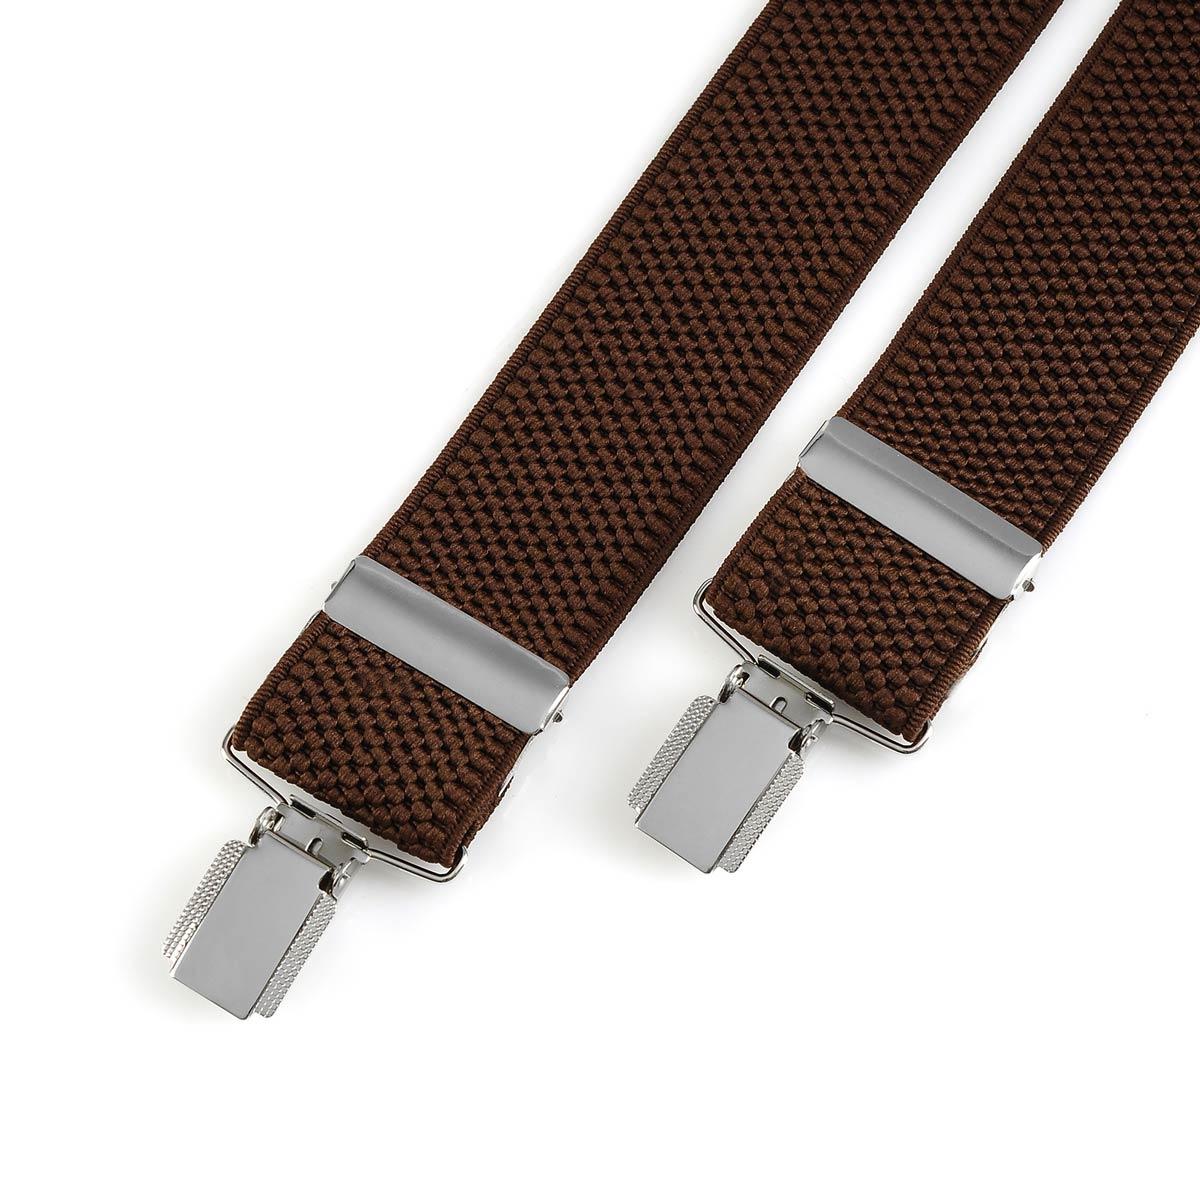 BT-00354_A12-1--_Bretelles-marron-chocolat